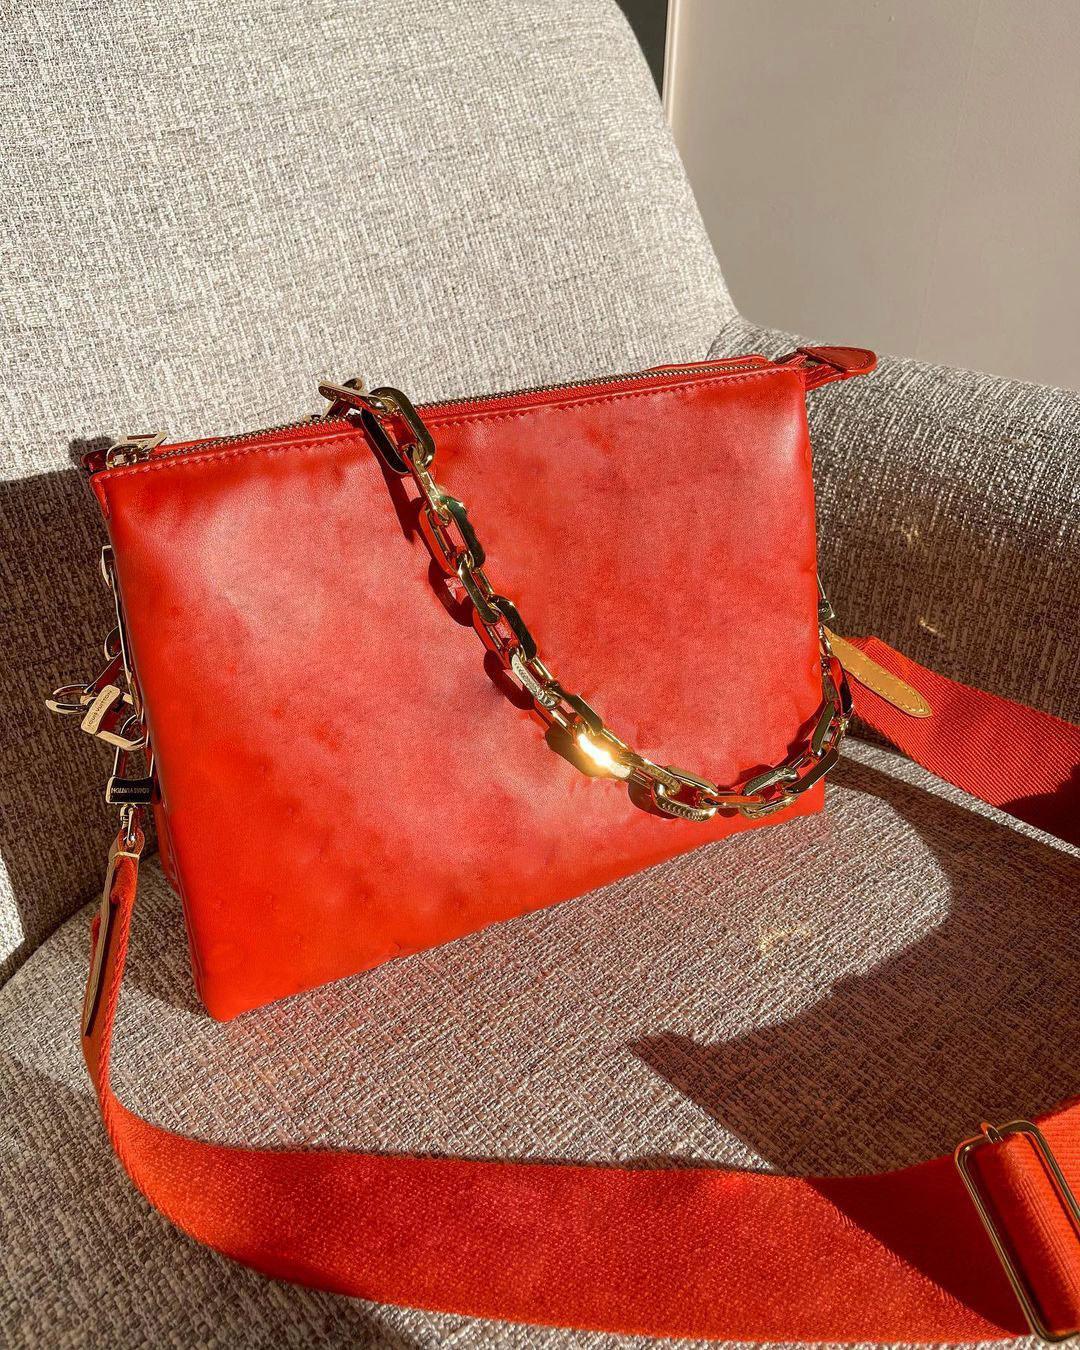 21ss Luxurys Coussin Orta Çanta Kadın Zincir Çanta Moda Tasarımcılar Çantalar Bayan Deri Kabartma Kılıfları Omuz Taşınabilir Omuz Çantaları